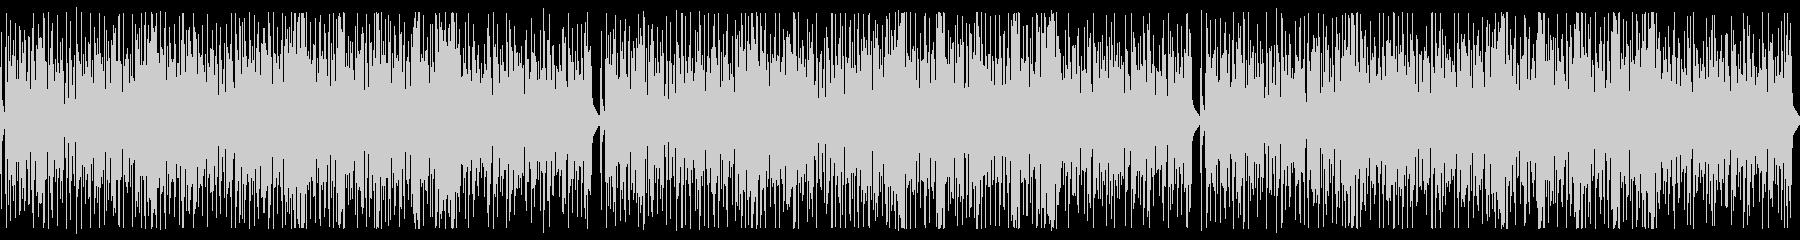 【ループ版】YouTubeワクワク…の未再生の波形